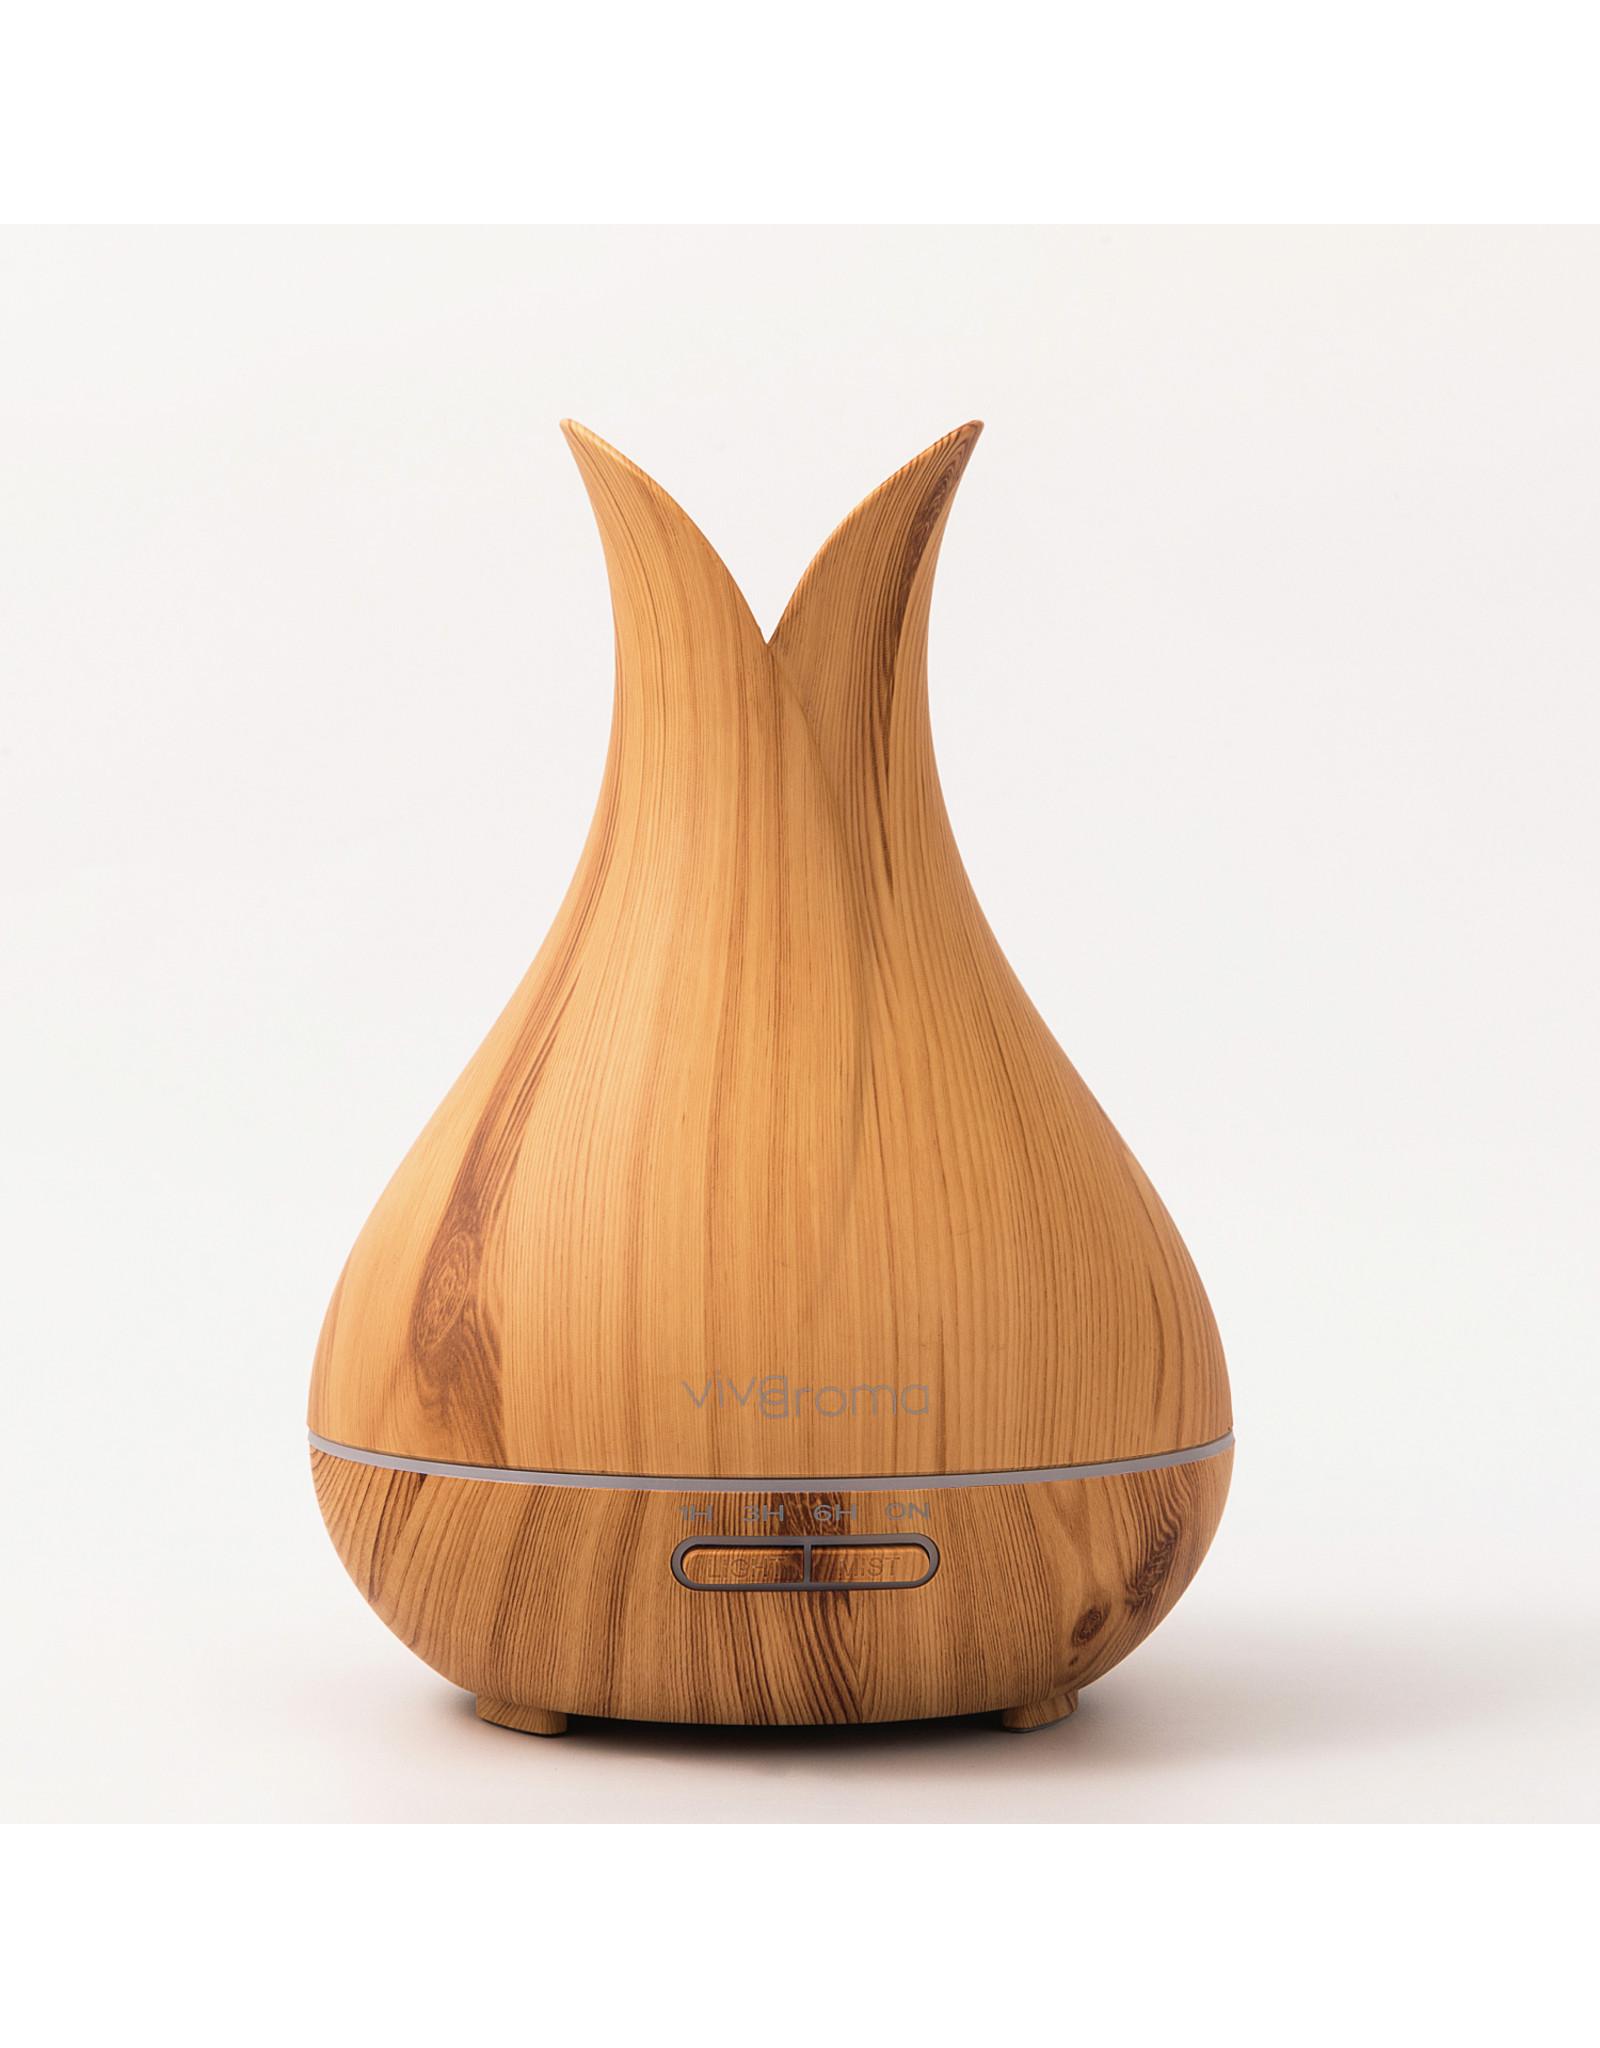 INVITALIS VIVAAROMA 400ml - Mod 1, Oak